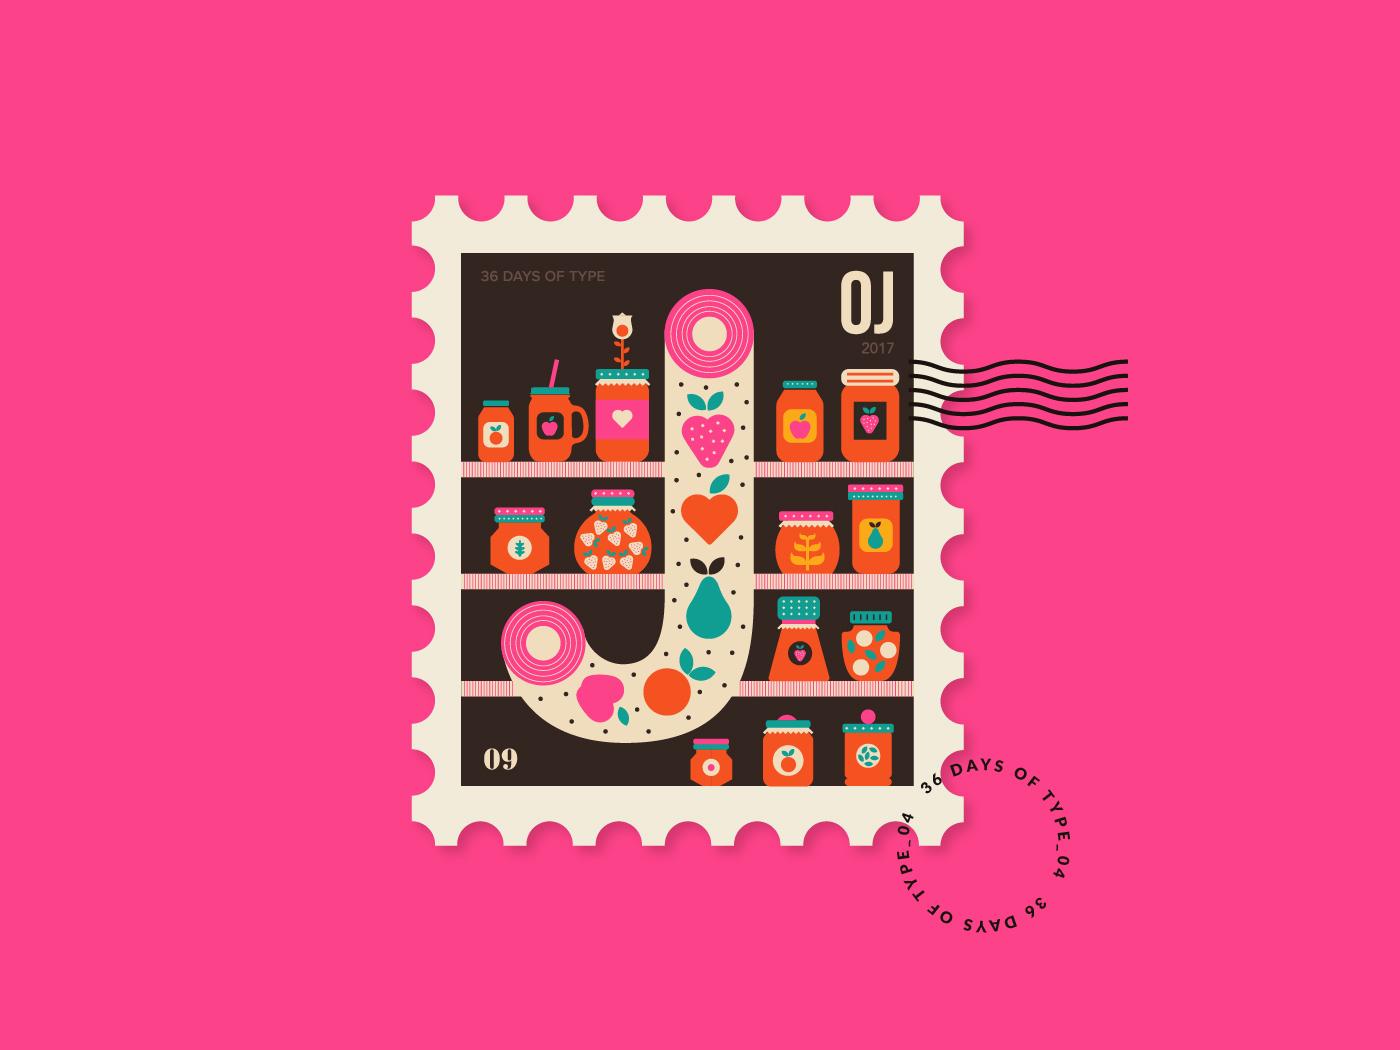 国外创意英文字母邮票插图设计欣赏 – 36 Days of Type Stamp Collection,所属类别:邮票、插画 - 任刚 · Ren Gang 世界设计 · 设计世界